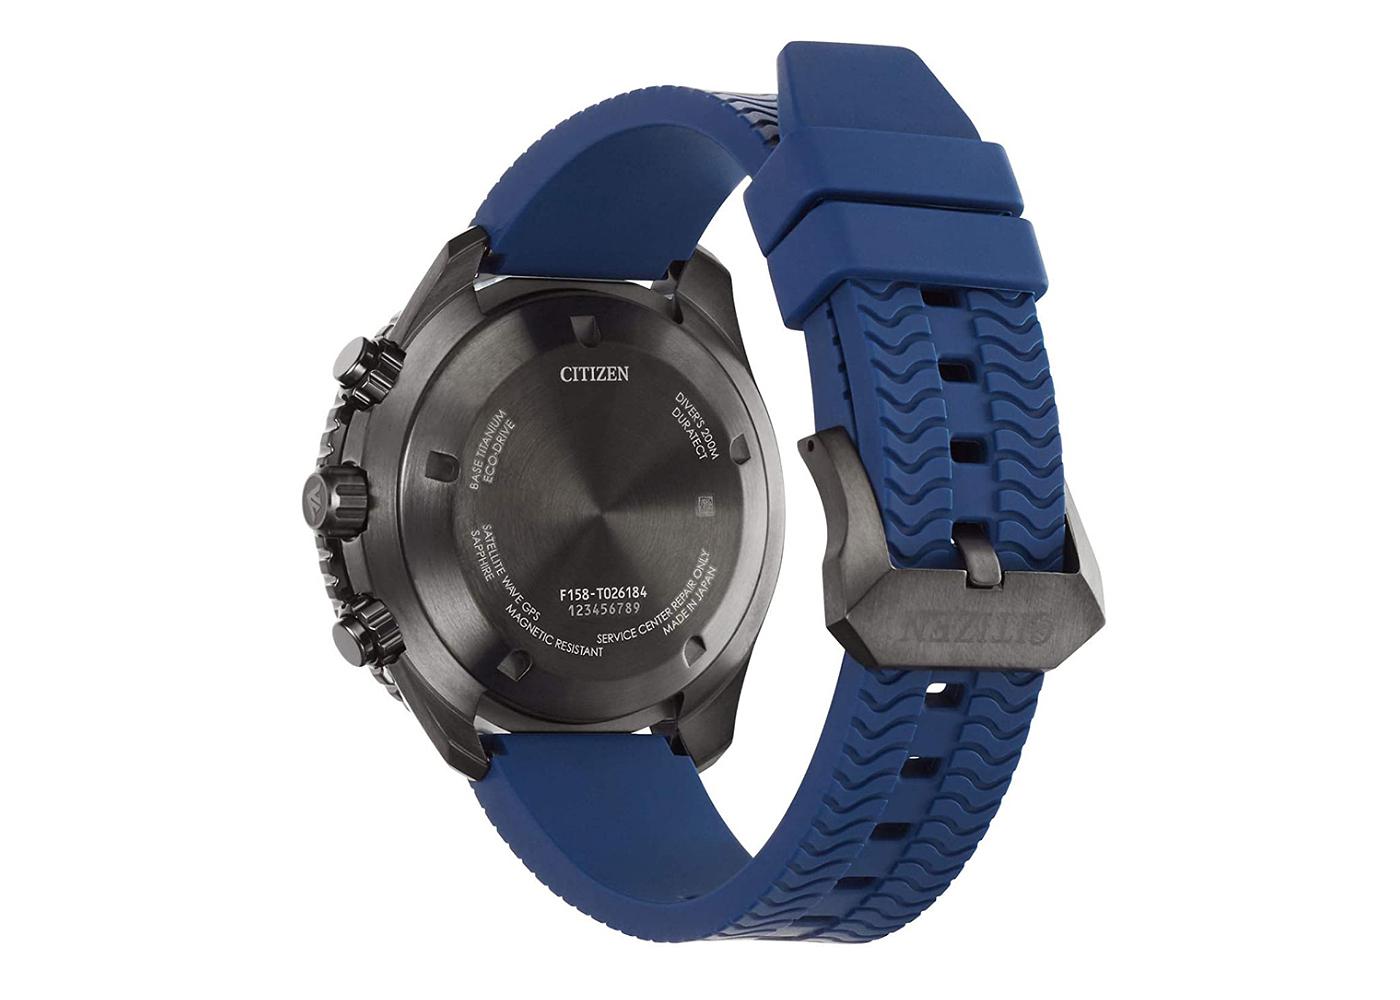 Reloj Diver's Promaster GPS ref cc5006-06l tapa trasera